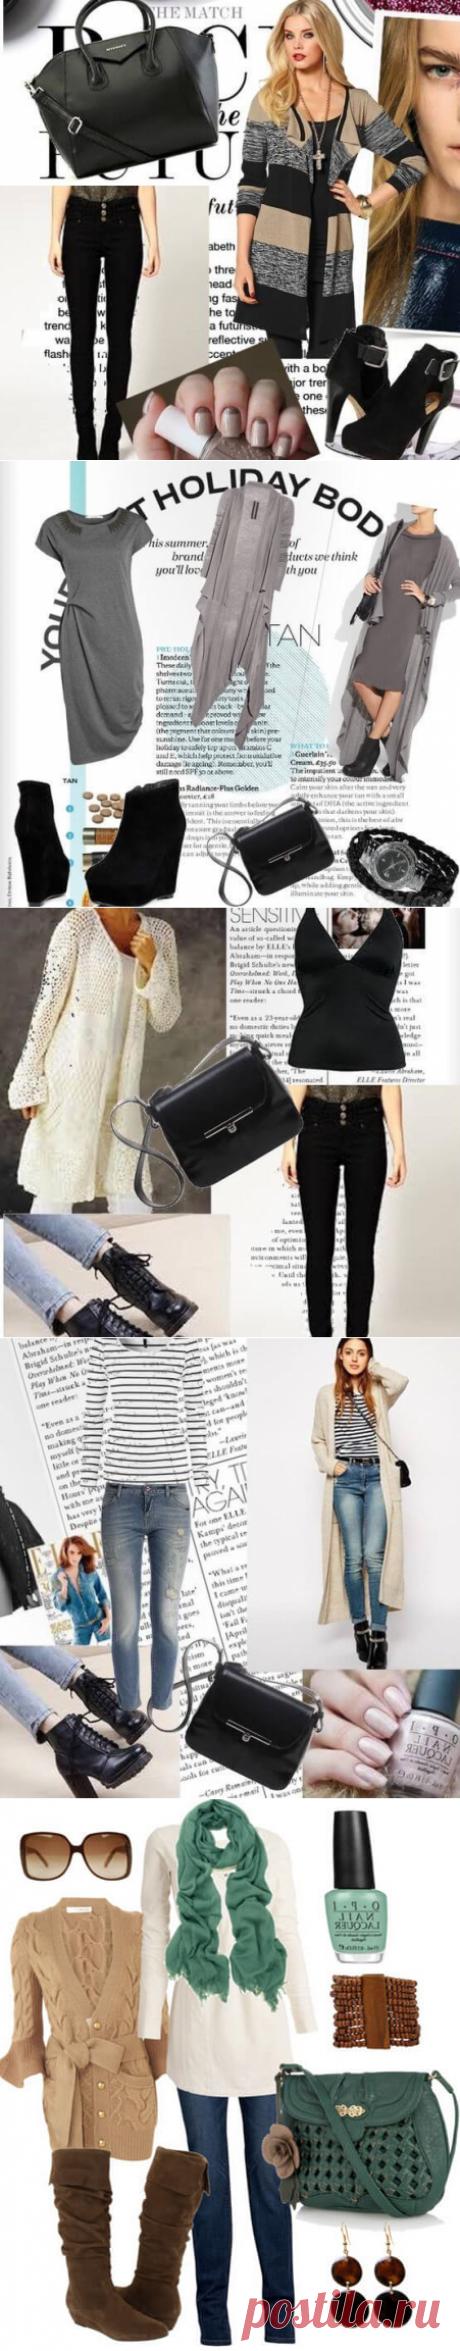 С чем носить длинный женский кардиган — фото модных сочетаний 2016 [modnaya24.com]